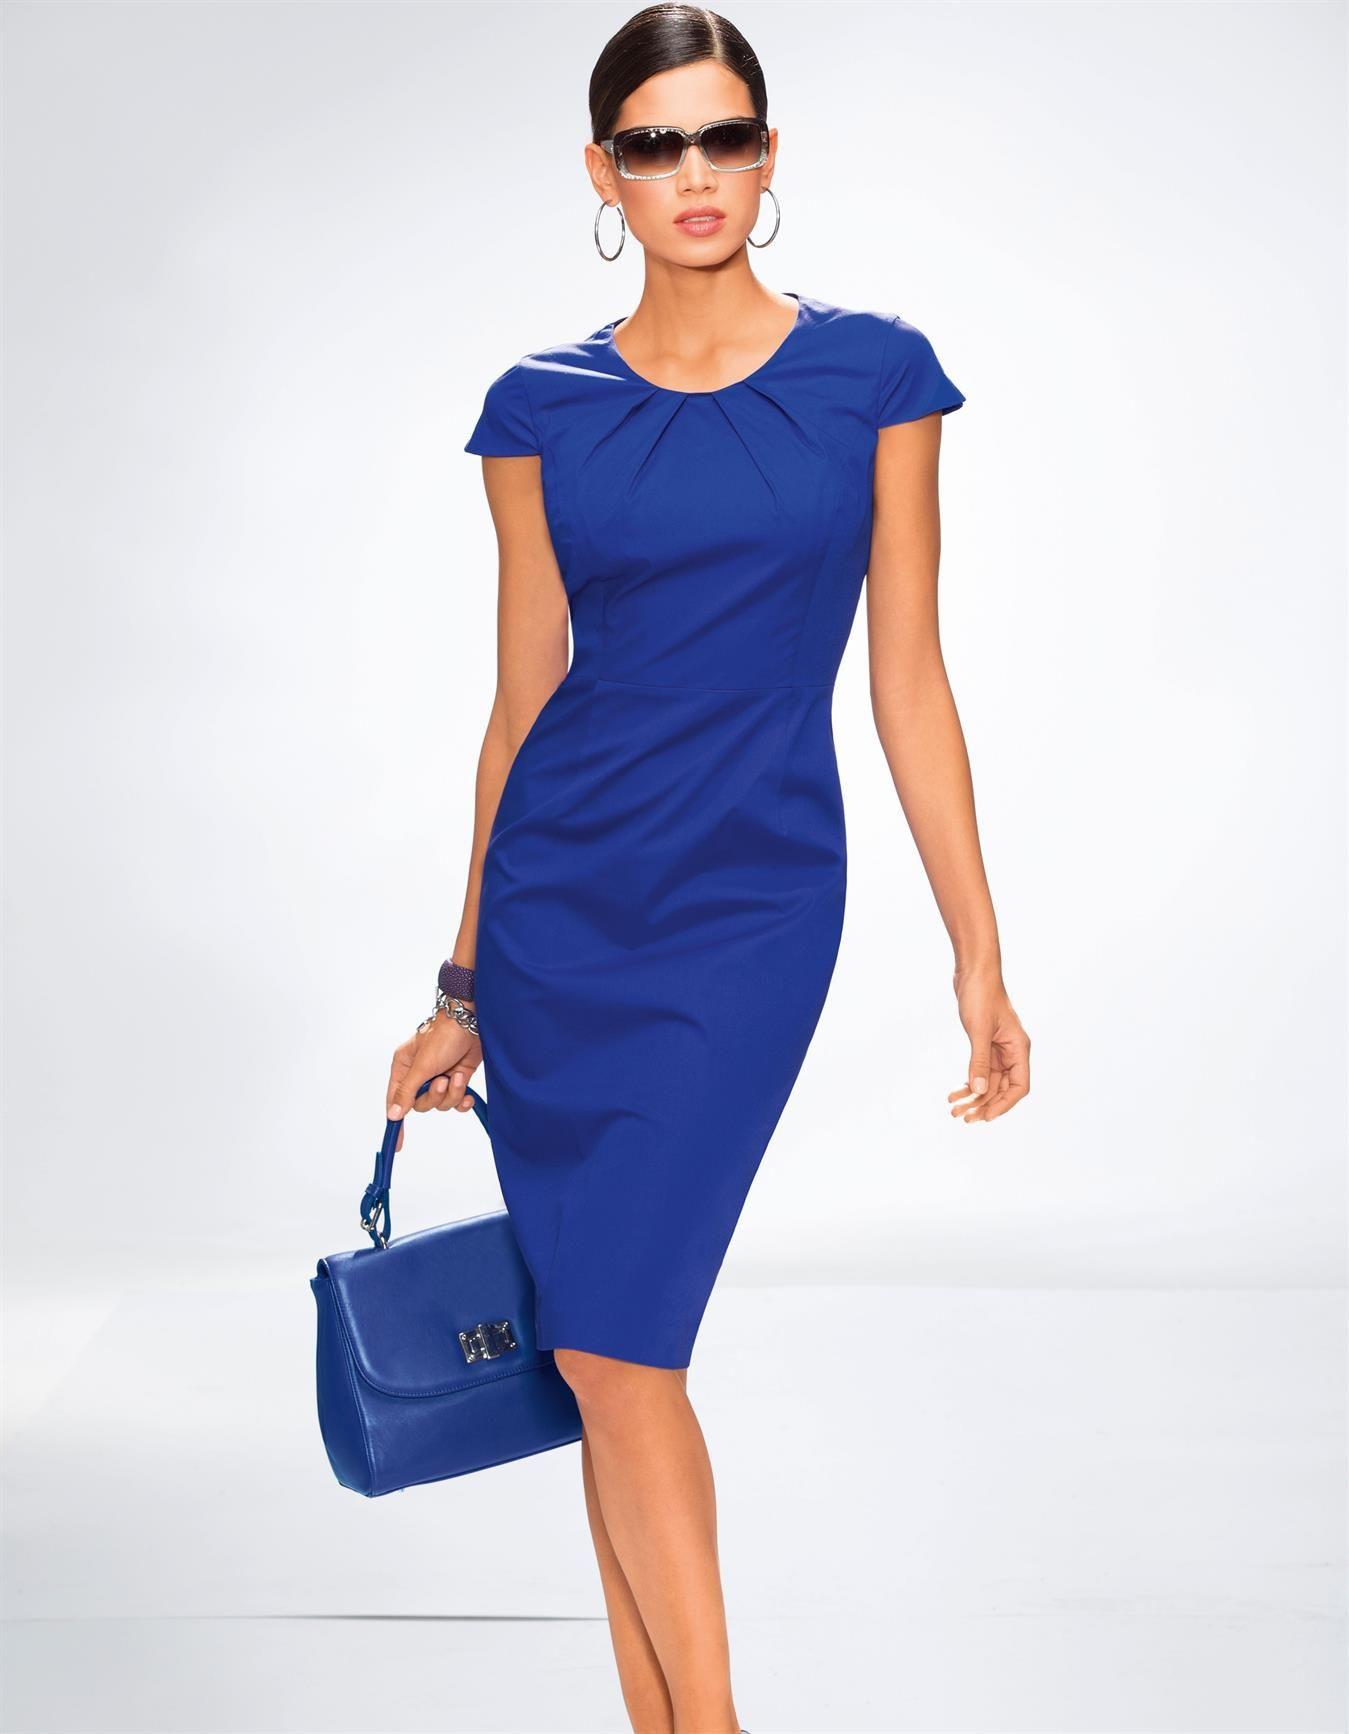 Kleid In Den Farben Weiß, Rot, Royal, Schwarz - Royalblau